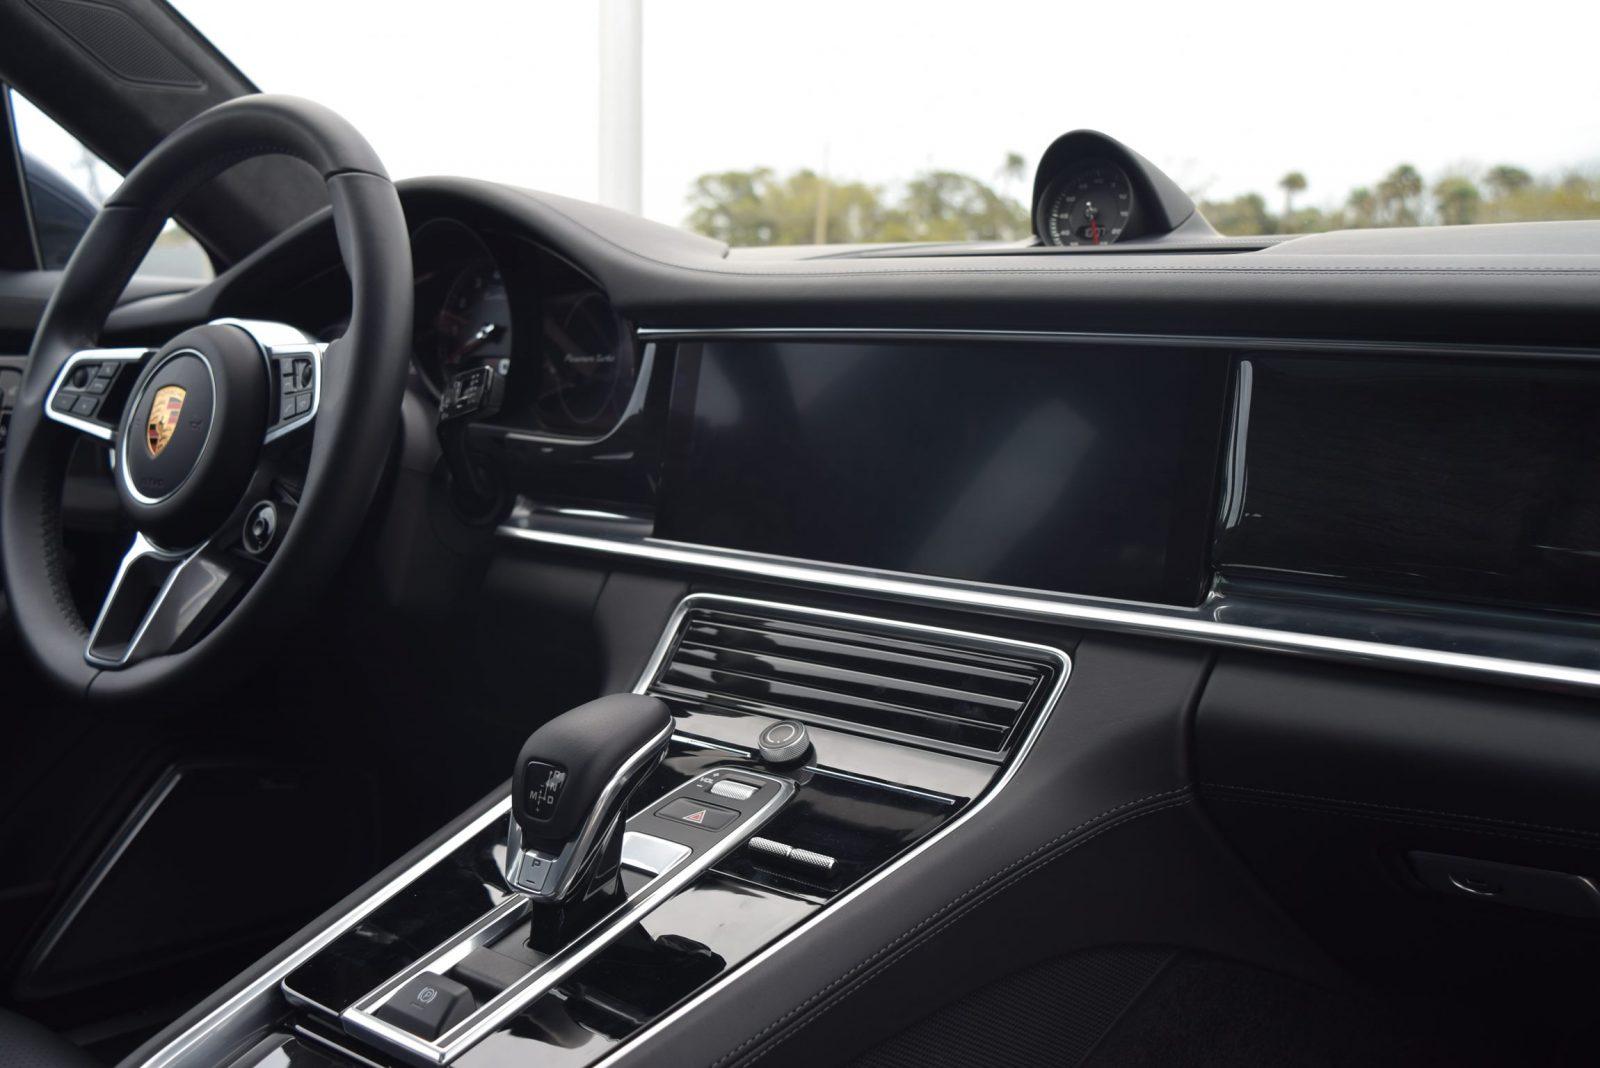 2017 Porsche Panamera TURBO Interior 3